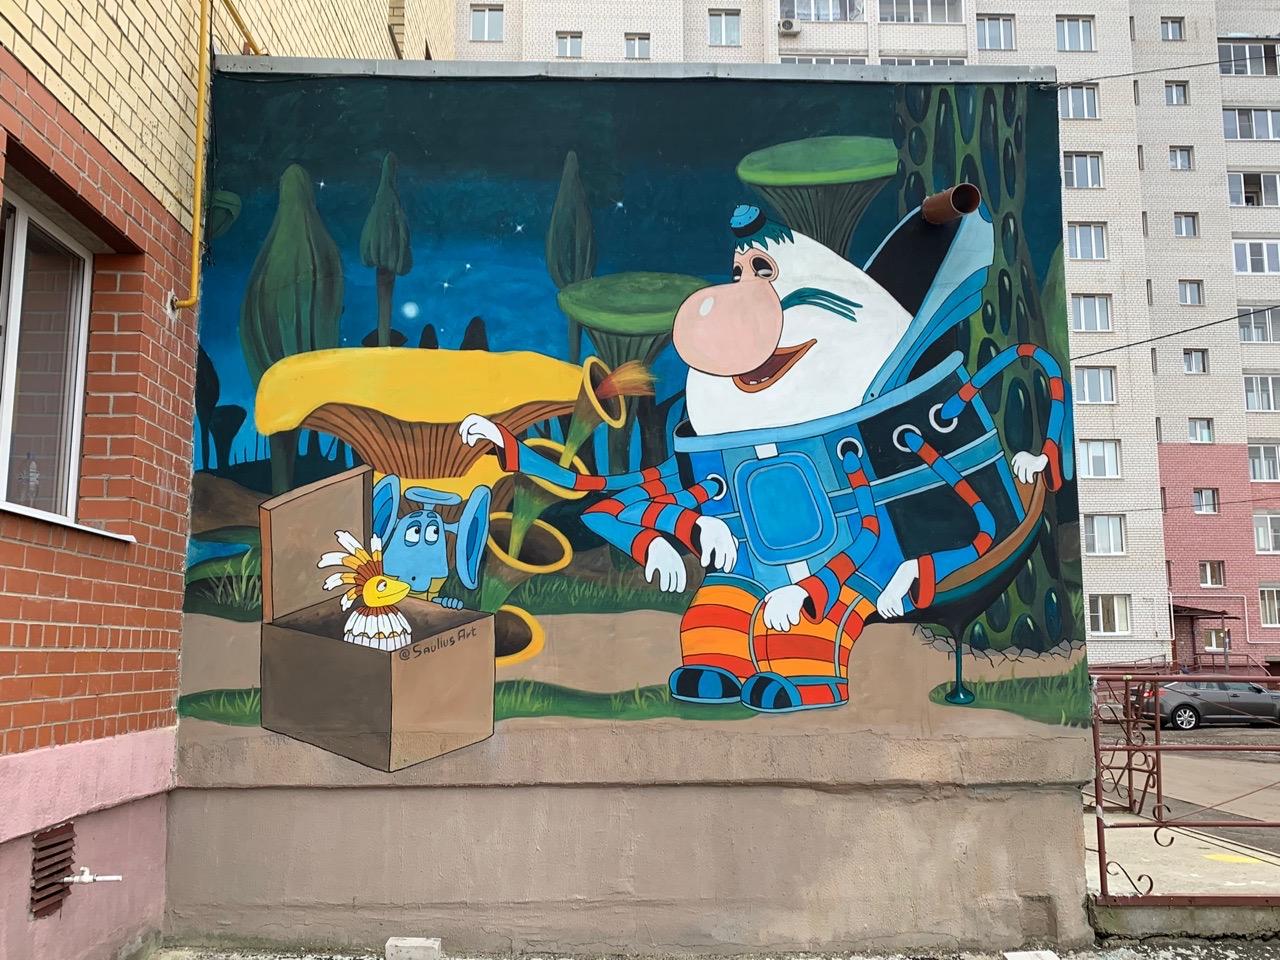 В Ярославле поселились персонажи мультфильма «Тайна Третьей планеты»